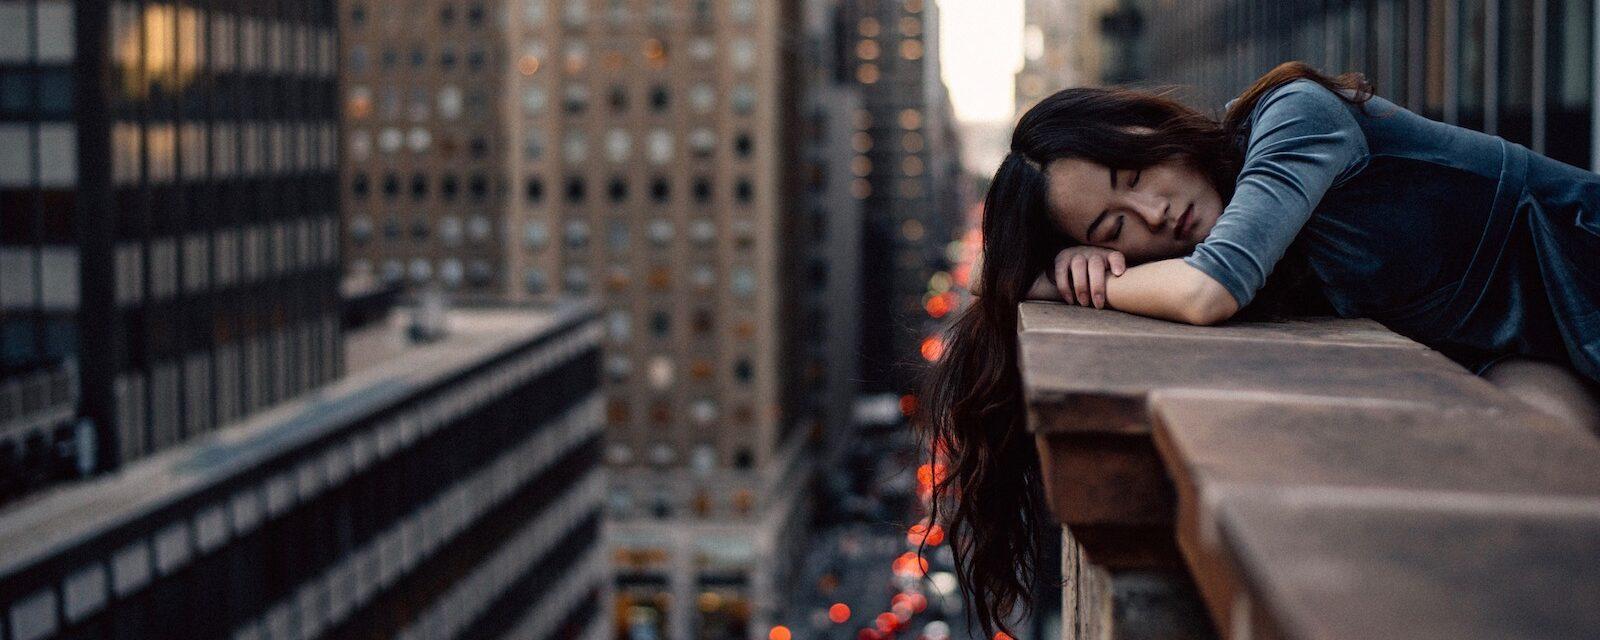 6 Anzeichen, dass Sie mehr Schlaf benötigen – Müdigkeit ist keines davon